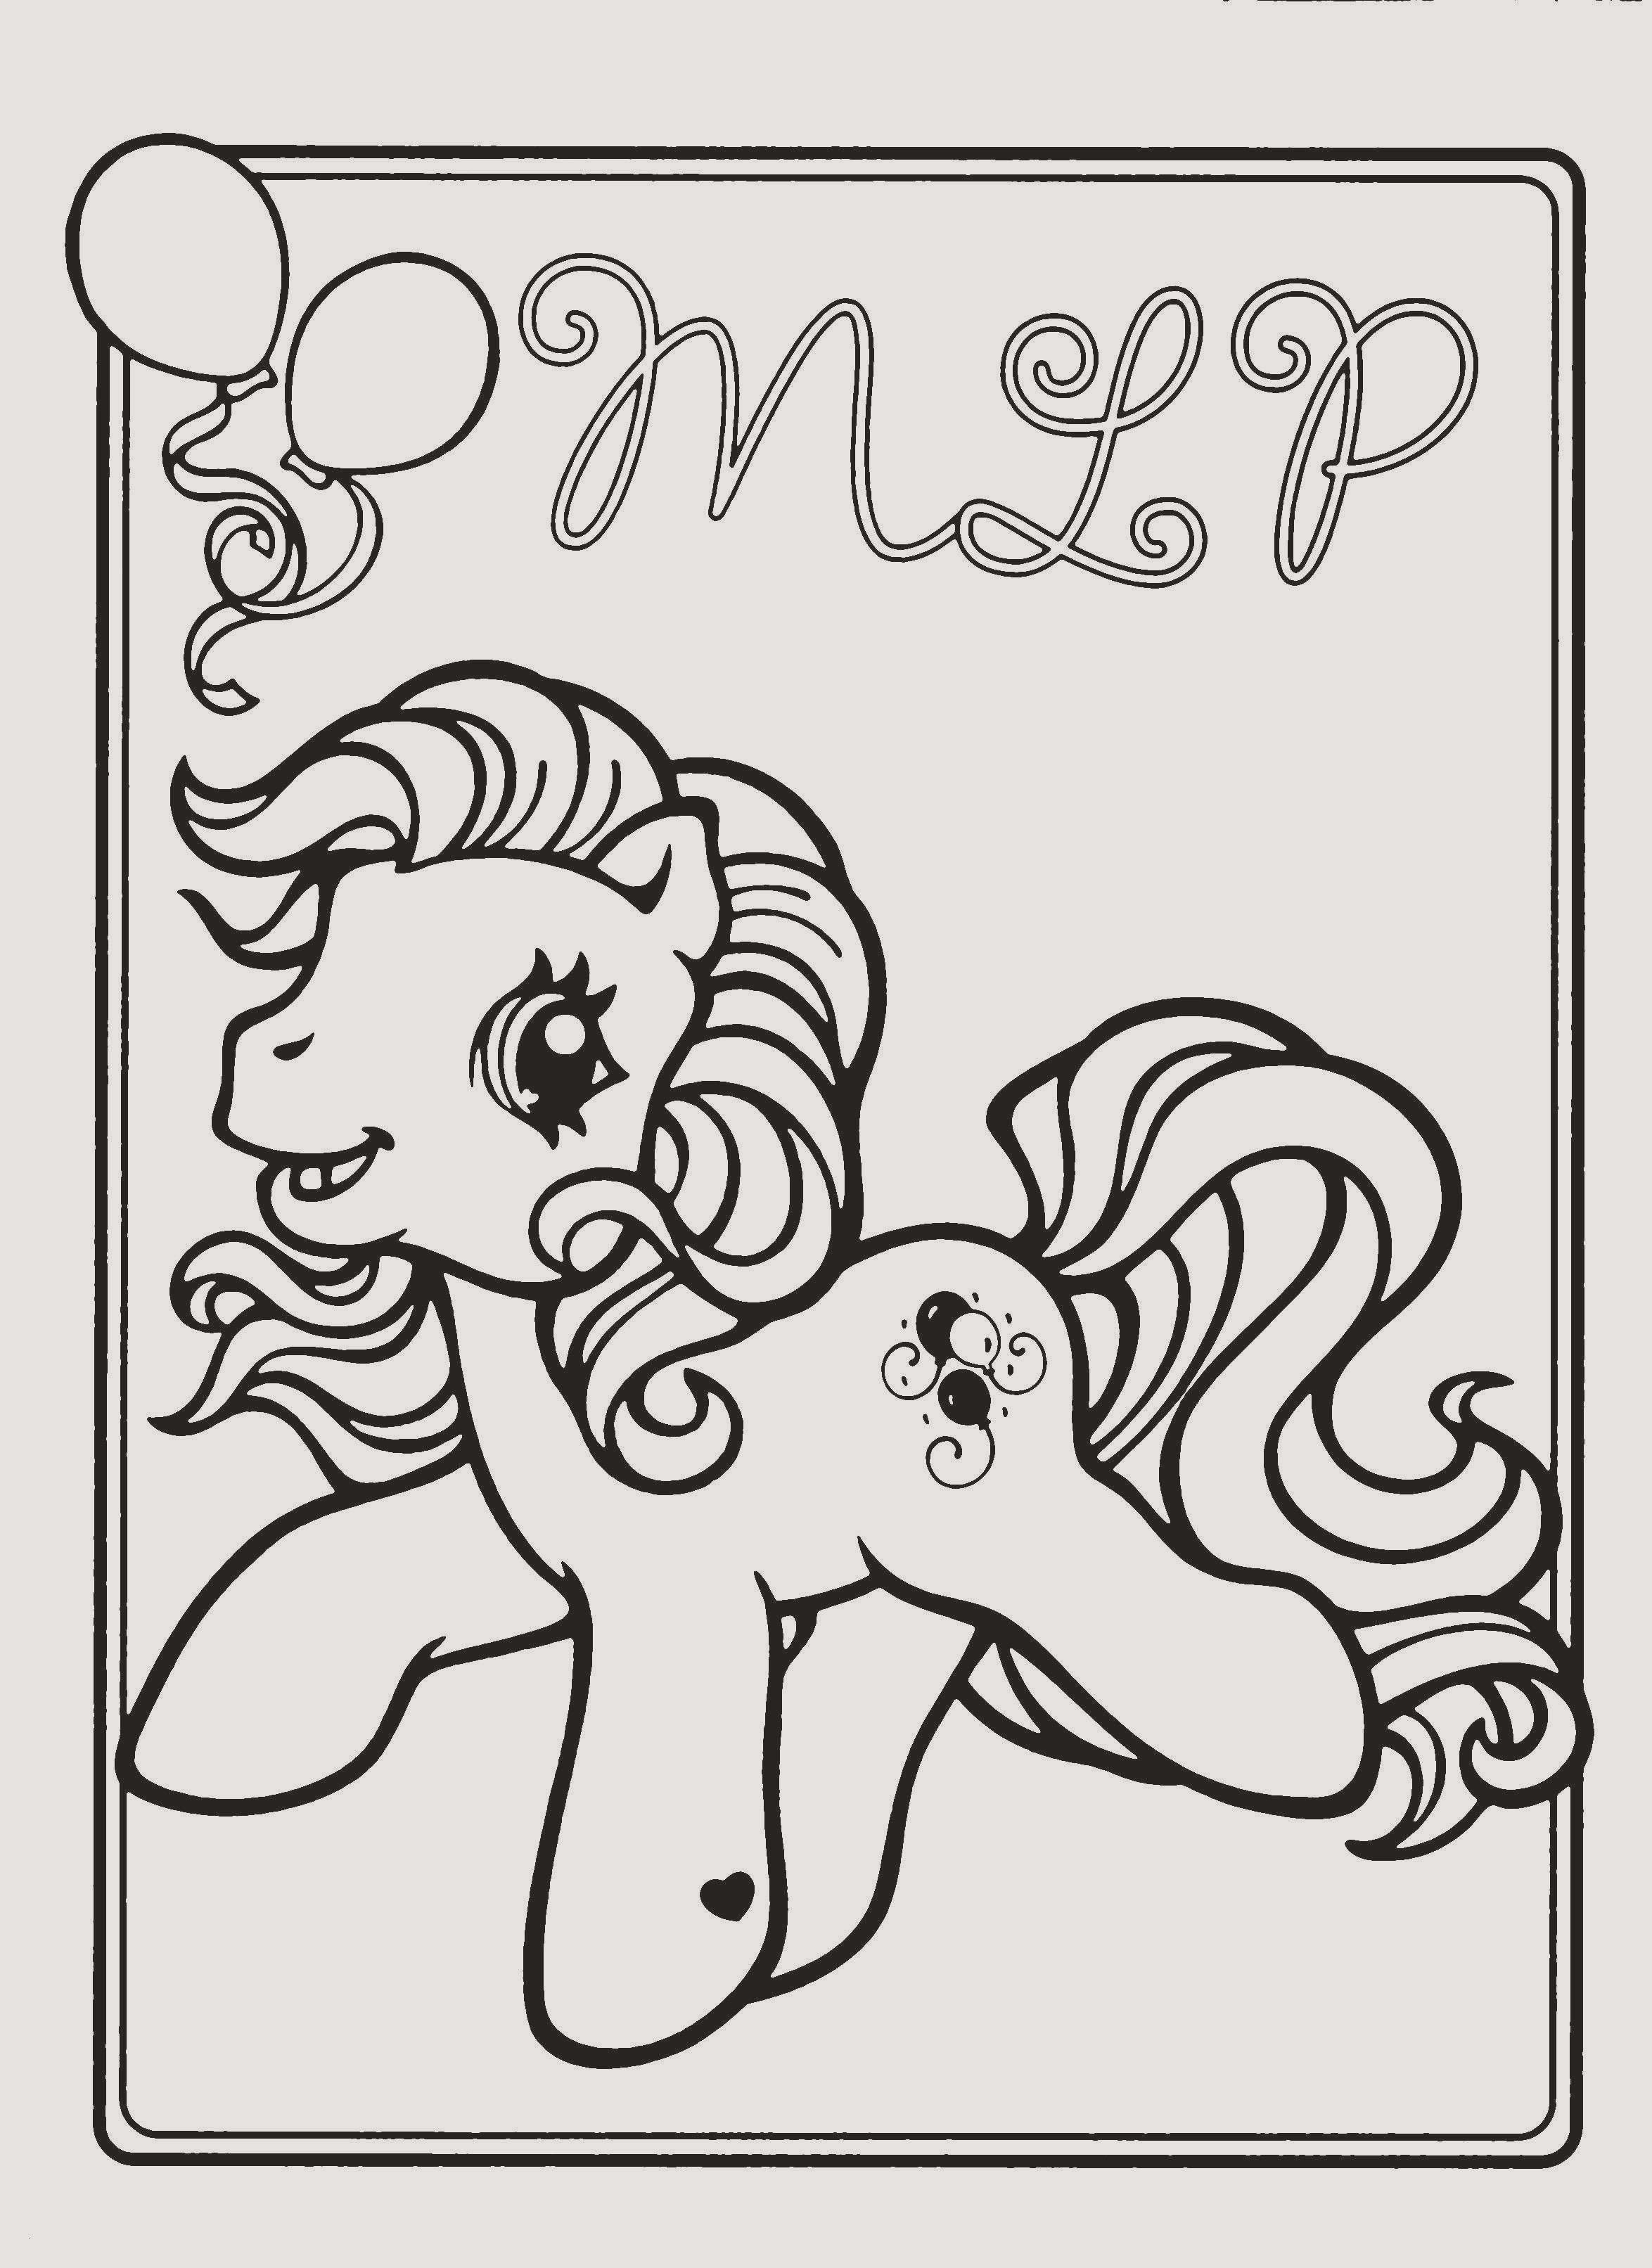 Malvorlagen Malvorlagenkostenlos My Little Pony Coloring Coloring Pages Coloring Pages For Girls